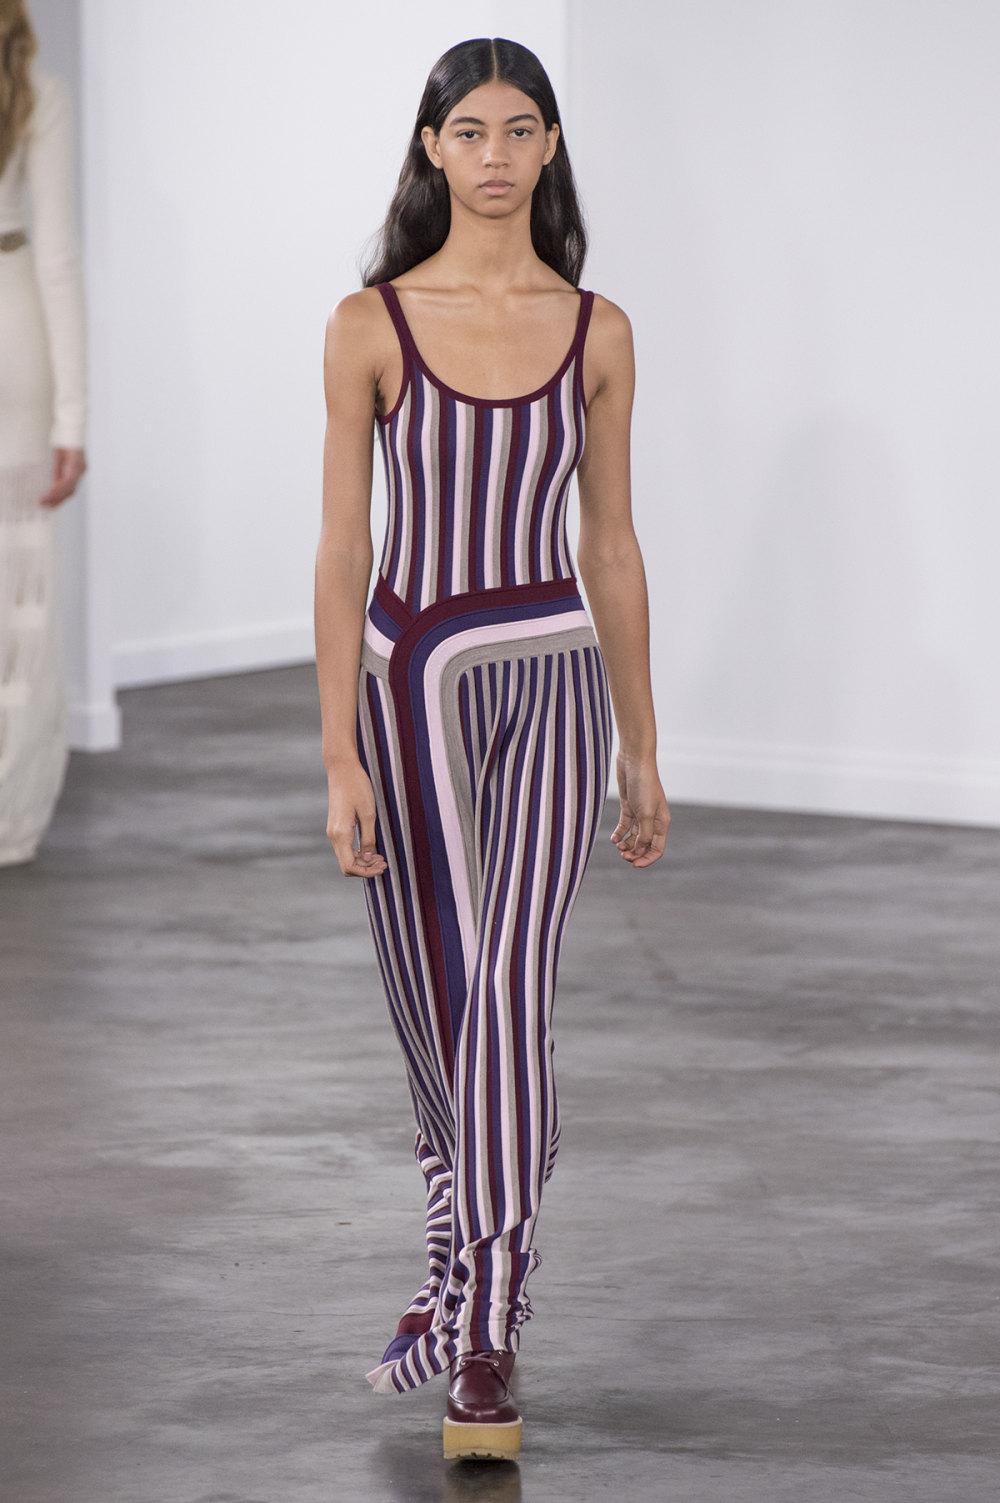 Gabriela Hearst时装系列细条纹西装和宽大毛衣之间形成鲜明对比-29.jpg